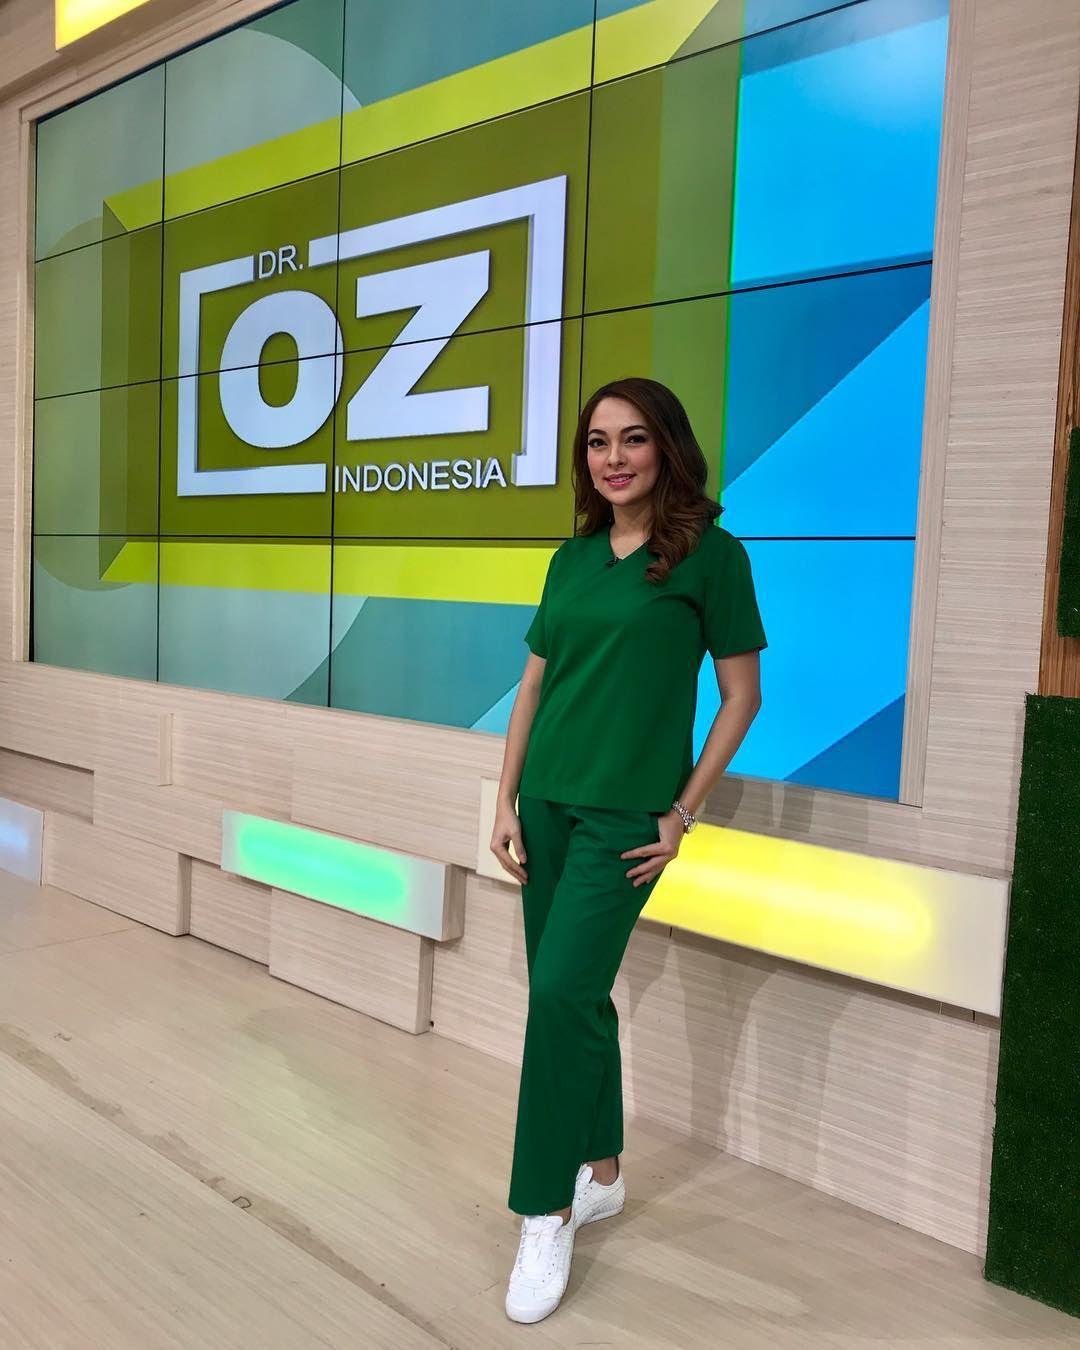 Model yang Jadi Dokter, Ini Fakta Lain Reisa Broto Asmoro si Host Dr OZ